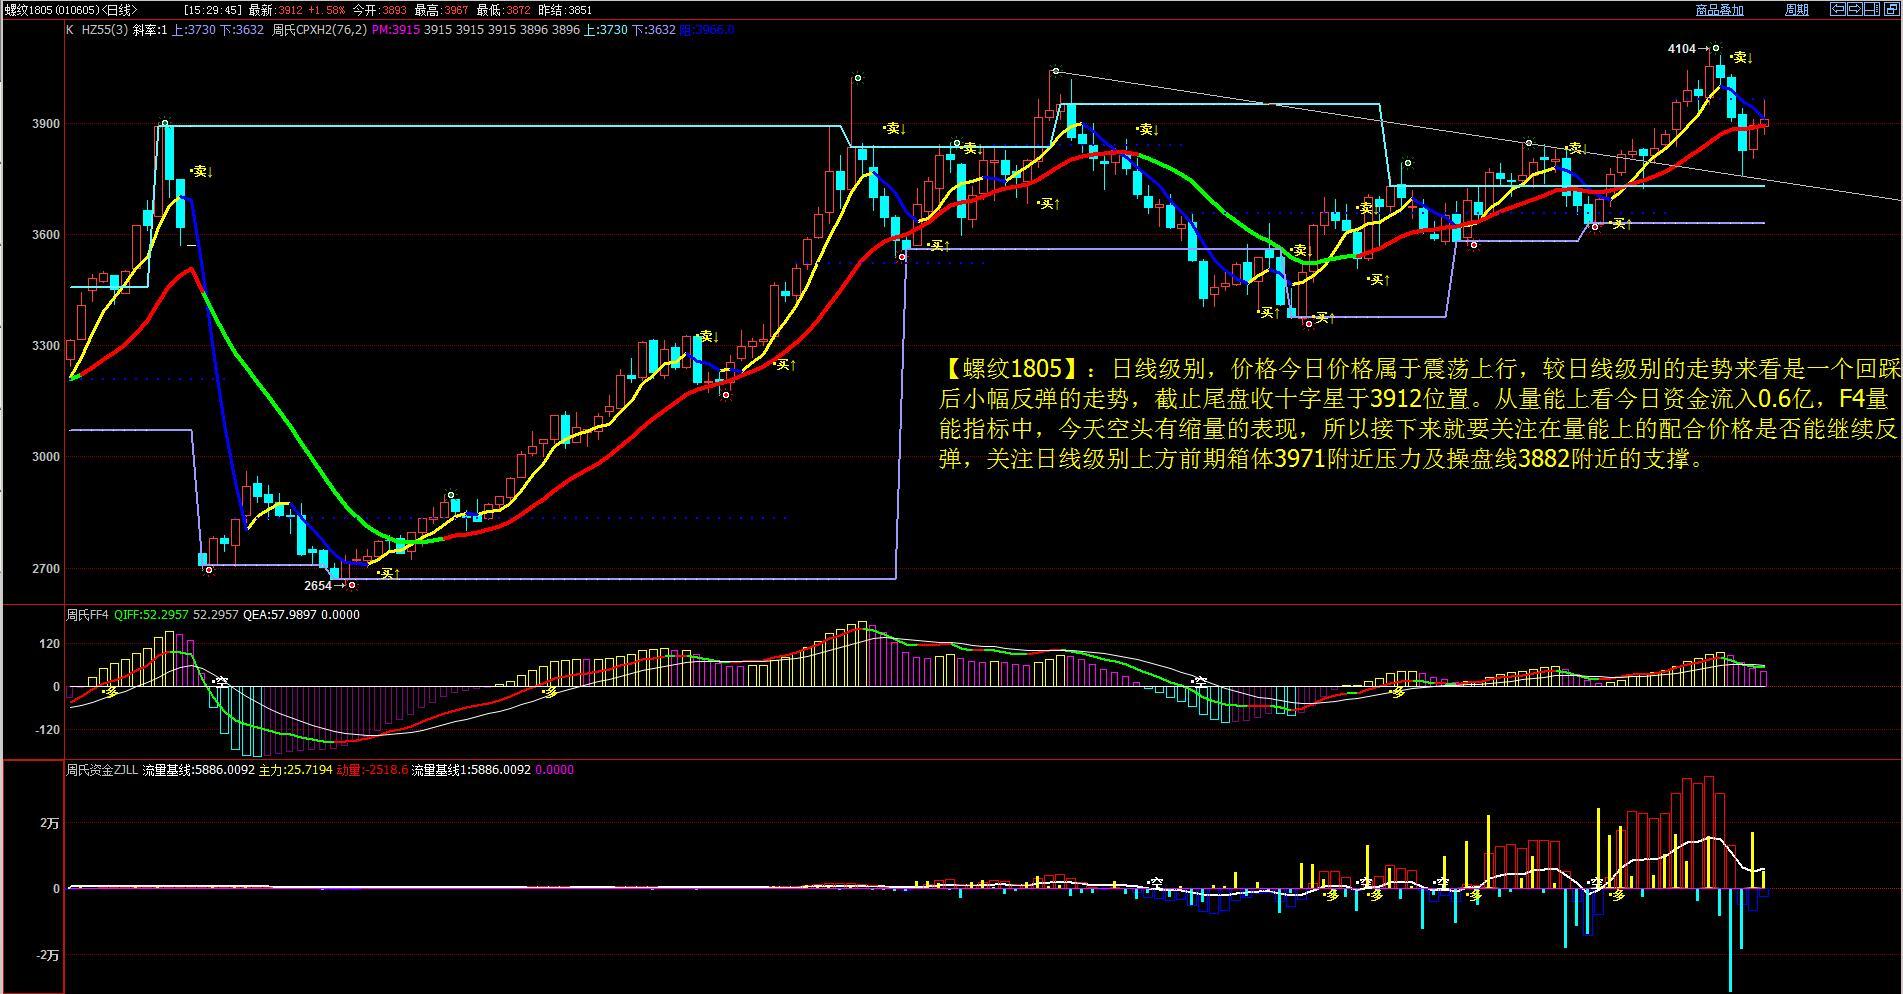 12月12日最新商品期货行情走势分析图